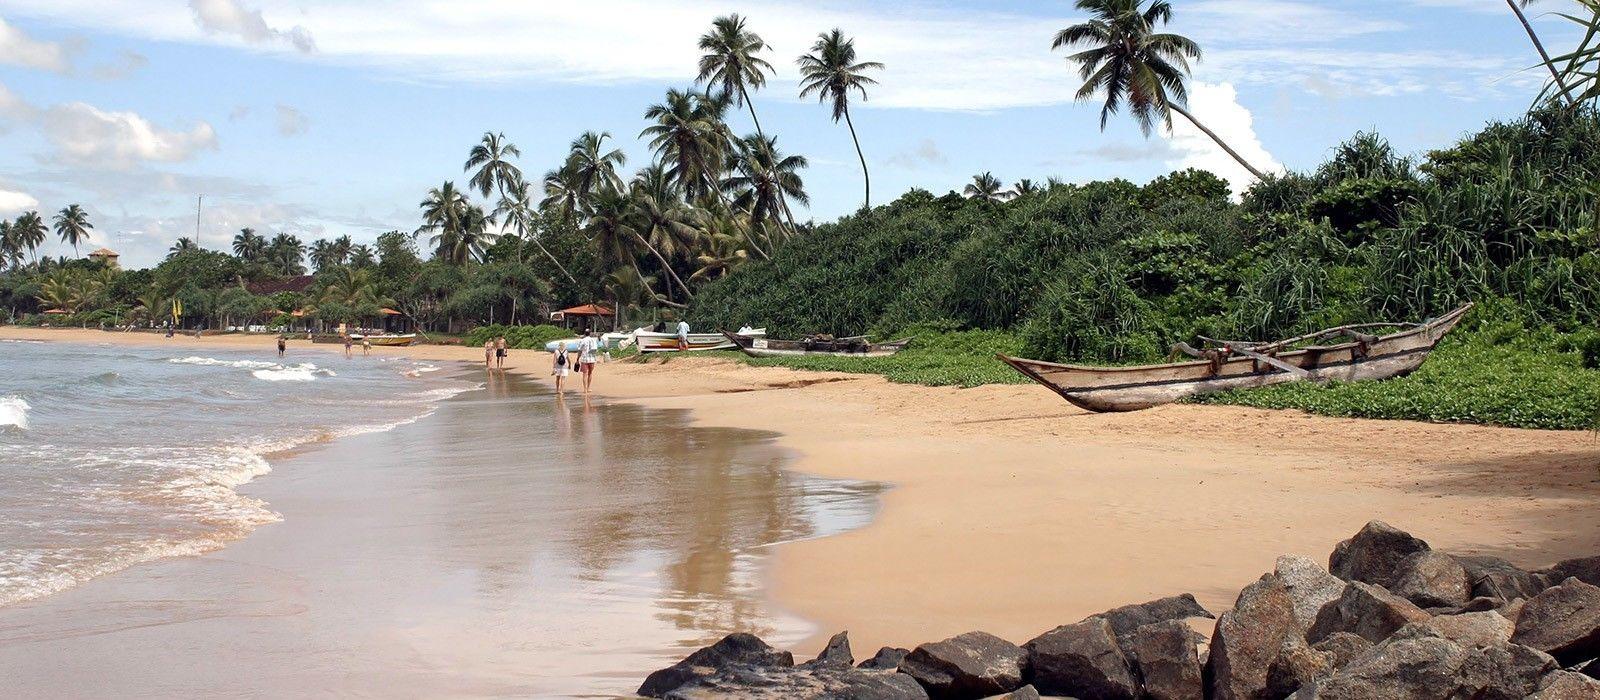 الاماكن السياحية نقمبو بسريلانكا شواطئ-نقمب�